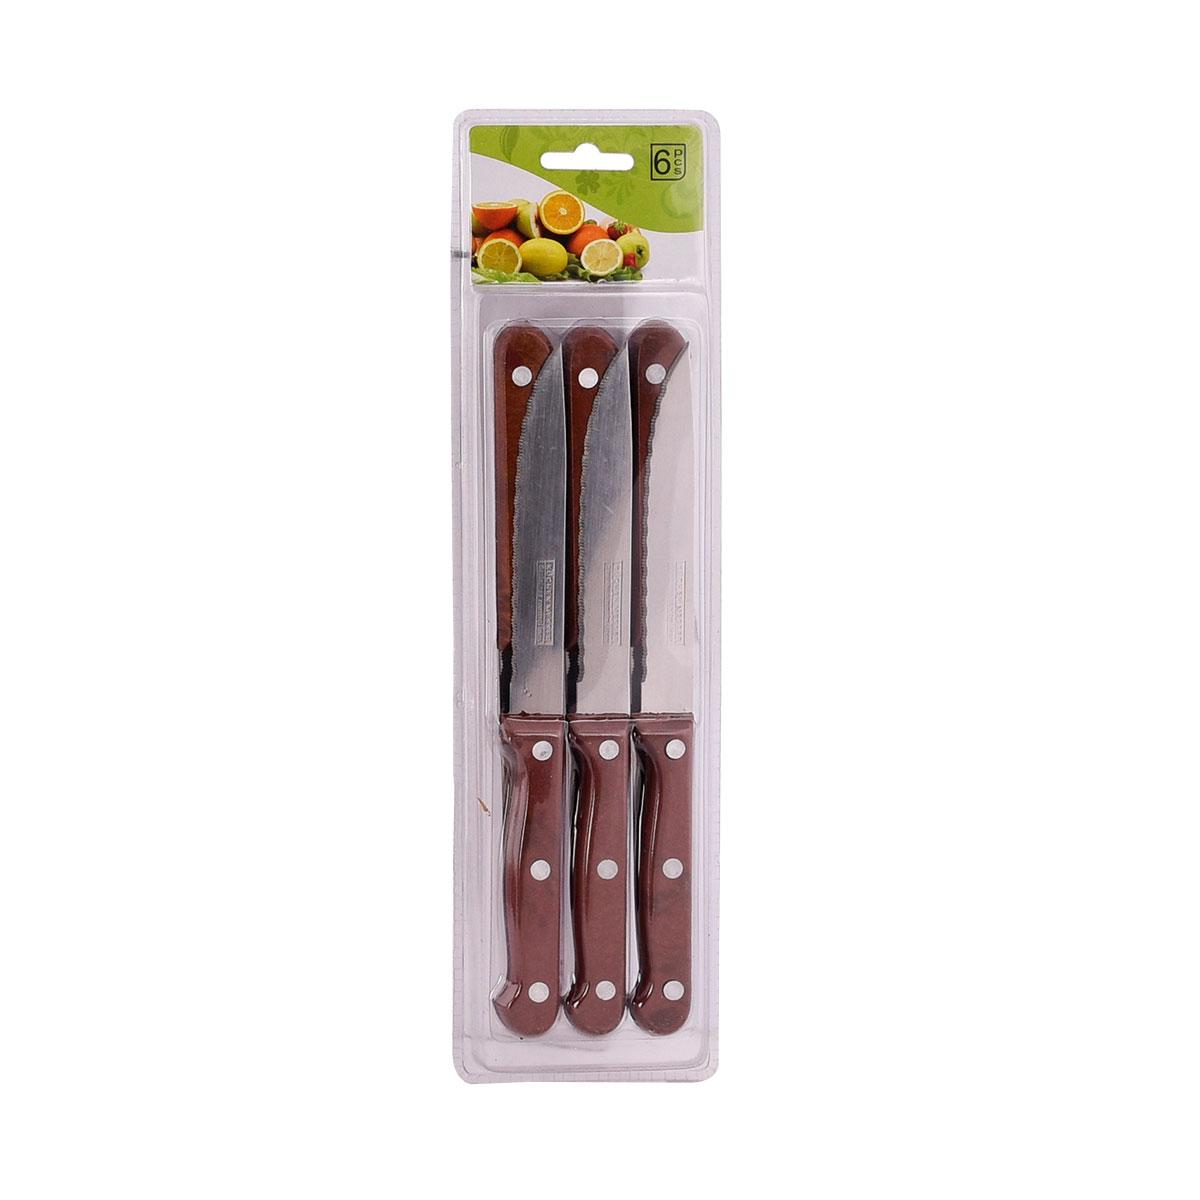 سكاكين للفواكه والخضروات طقم  6 قطعة متعدد الالوان